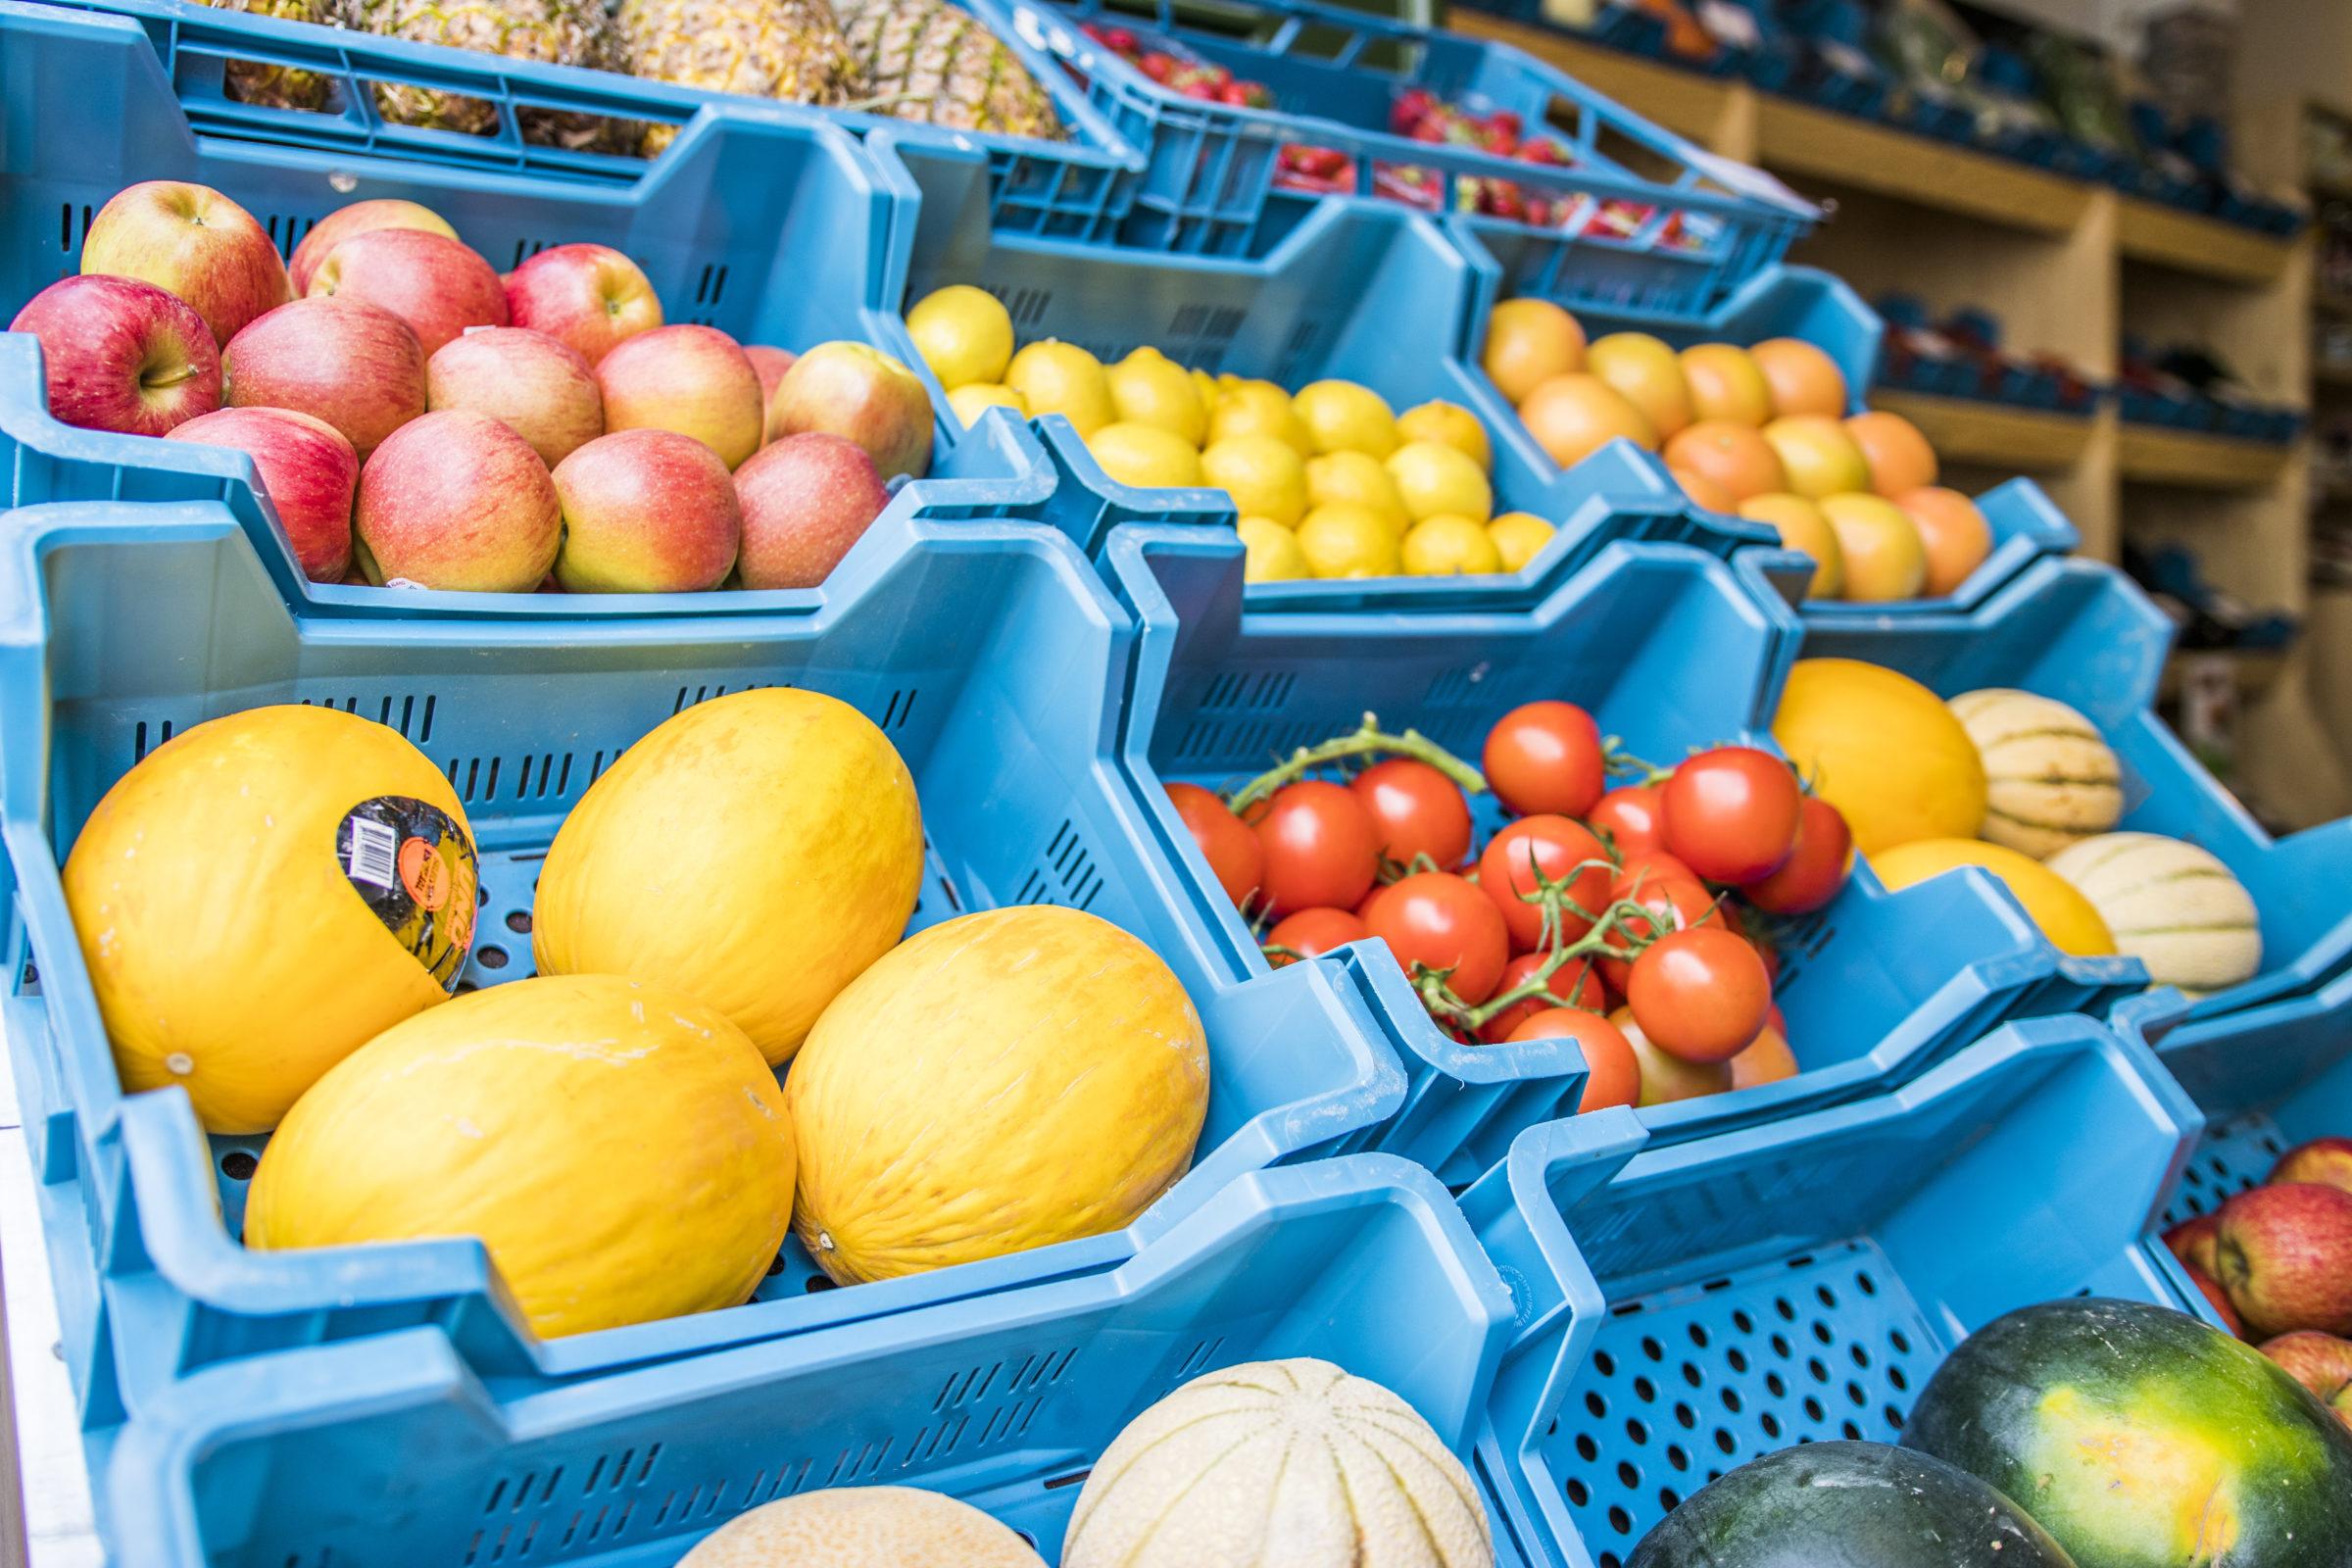 Groente en fruit Groentehal middelburg geautomatiseerd bestelproces